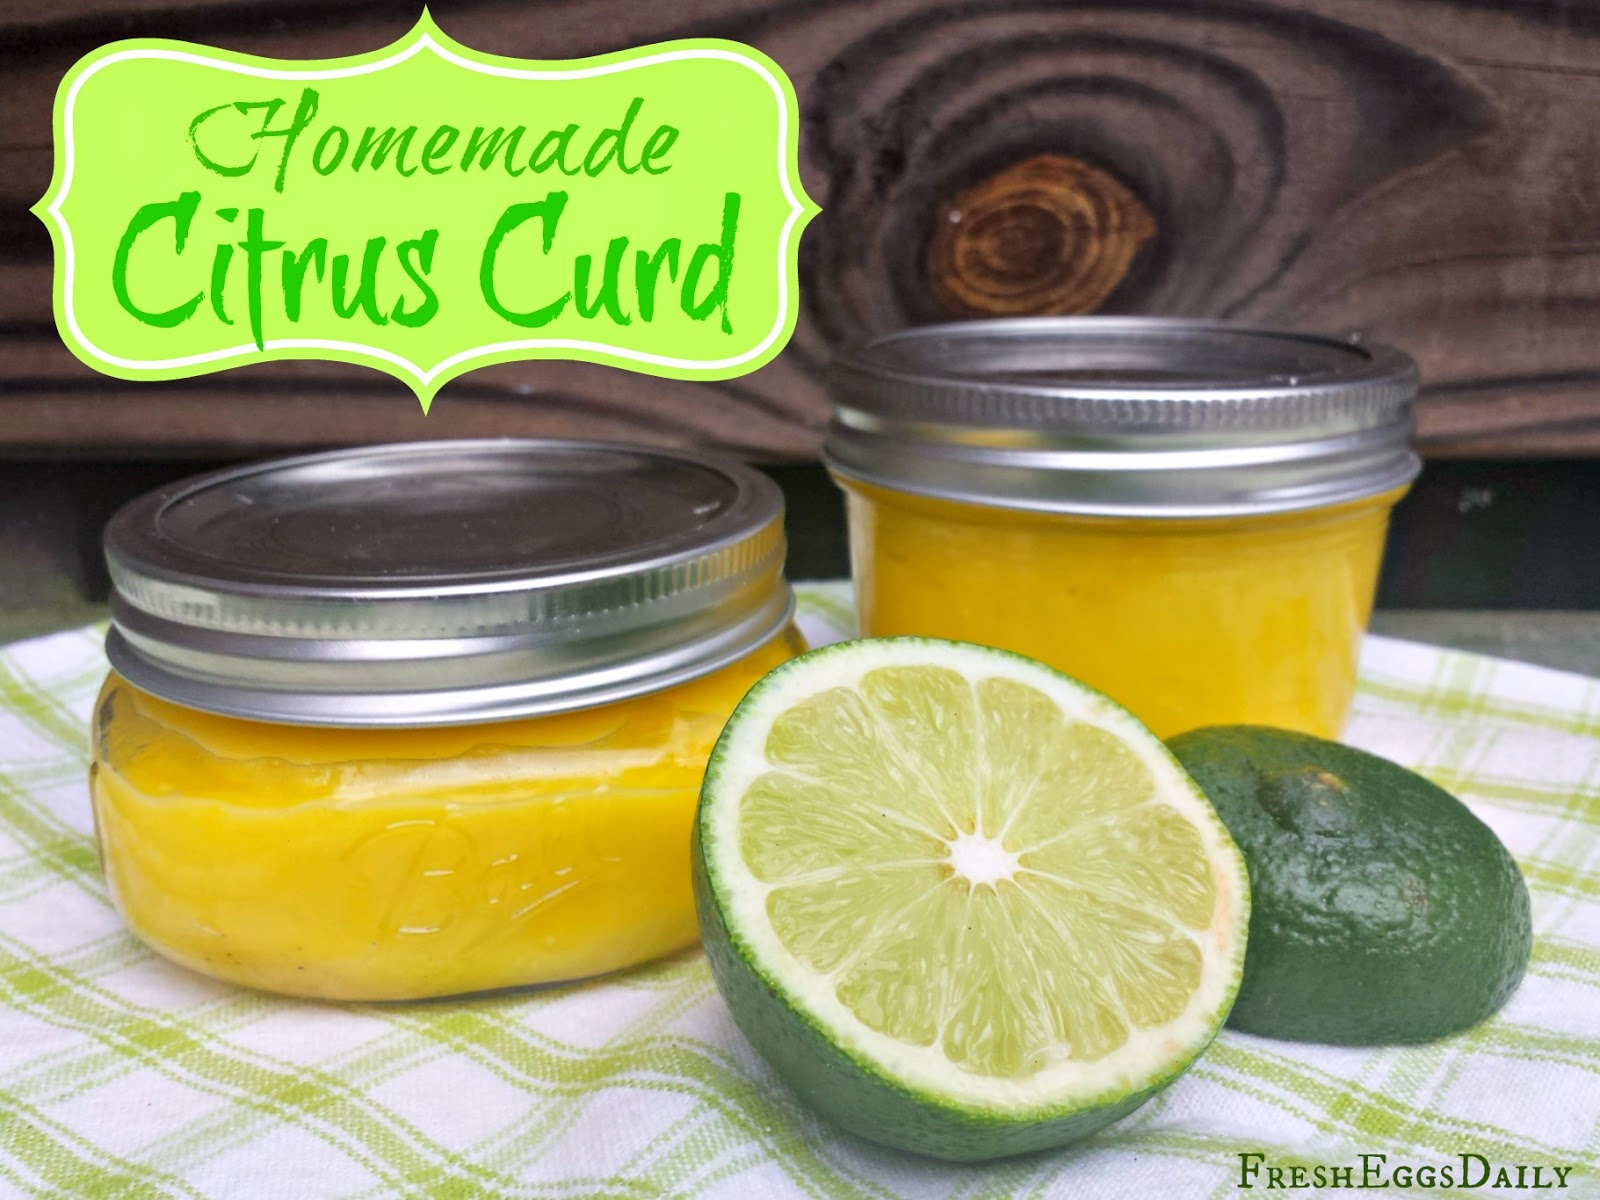 Build a coop blog: Homemade Citrus Curd Lime Lemon or Orange